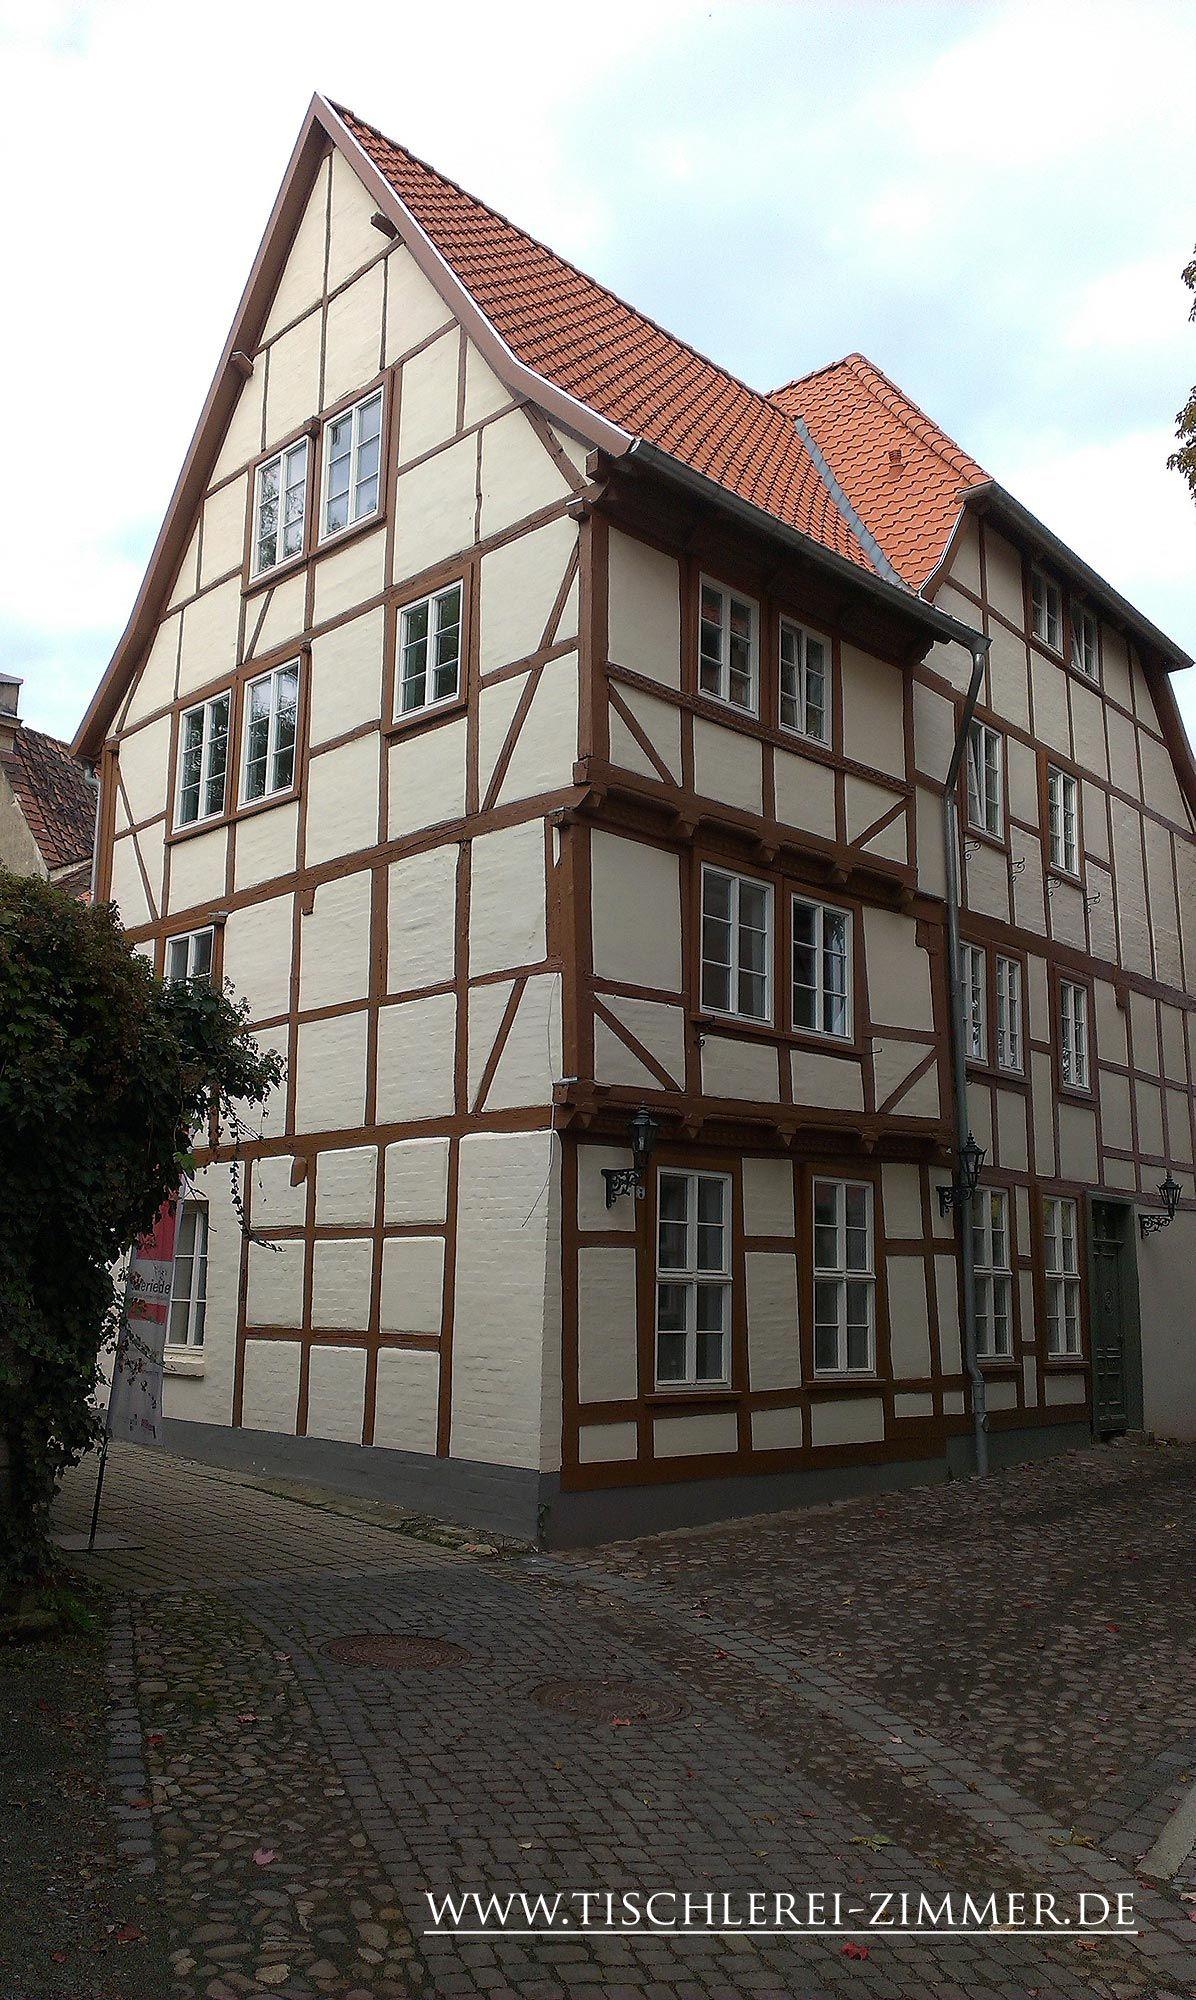 altes Fachwerkhaus in Quedlinburg mit